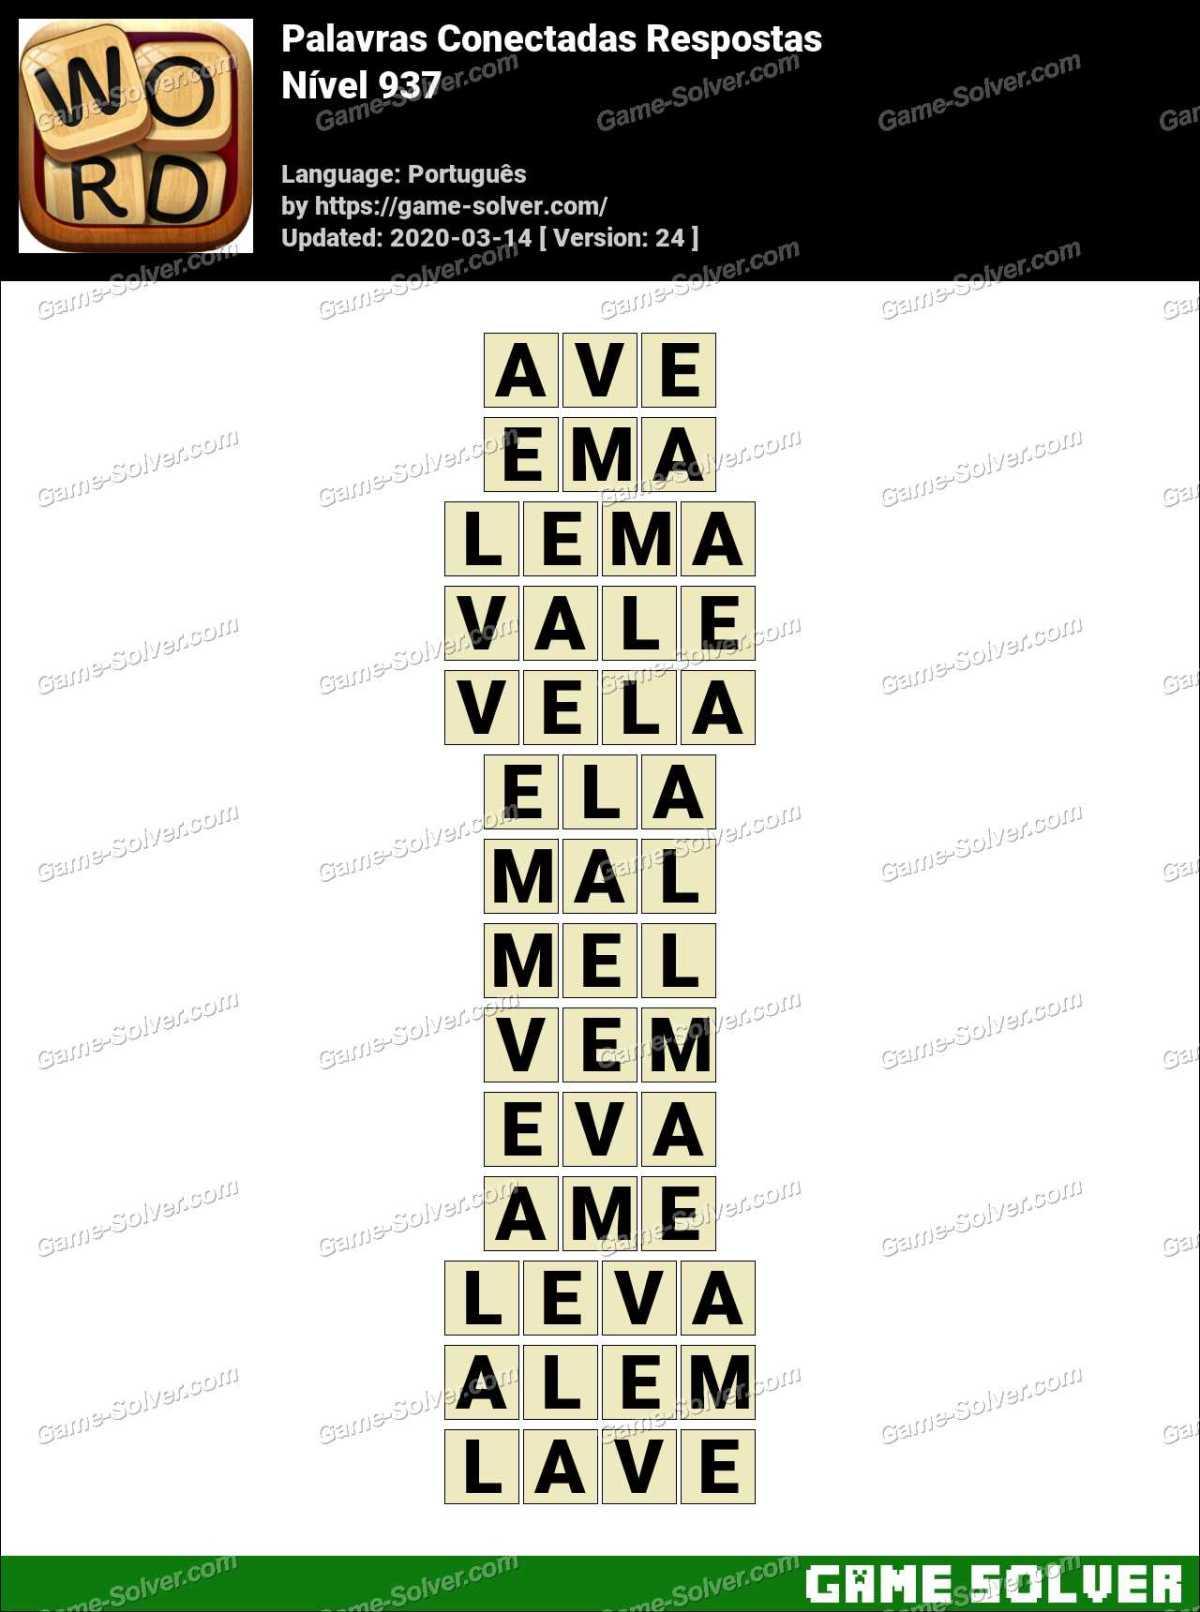 Palavras Conectadas Nivel 937 Respostas